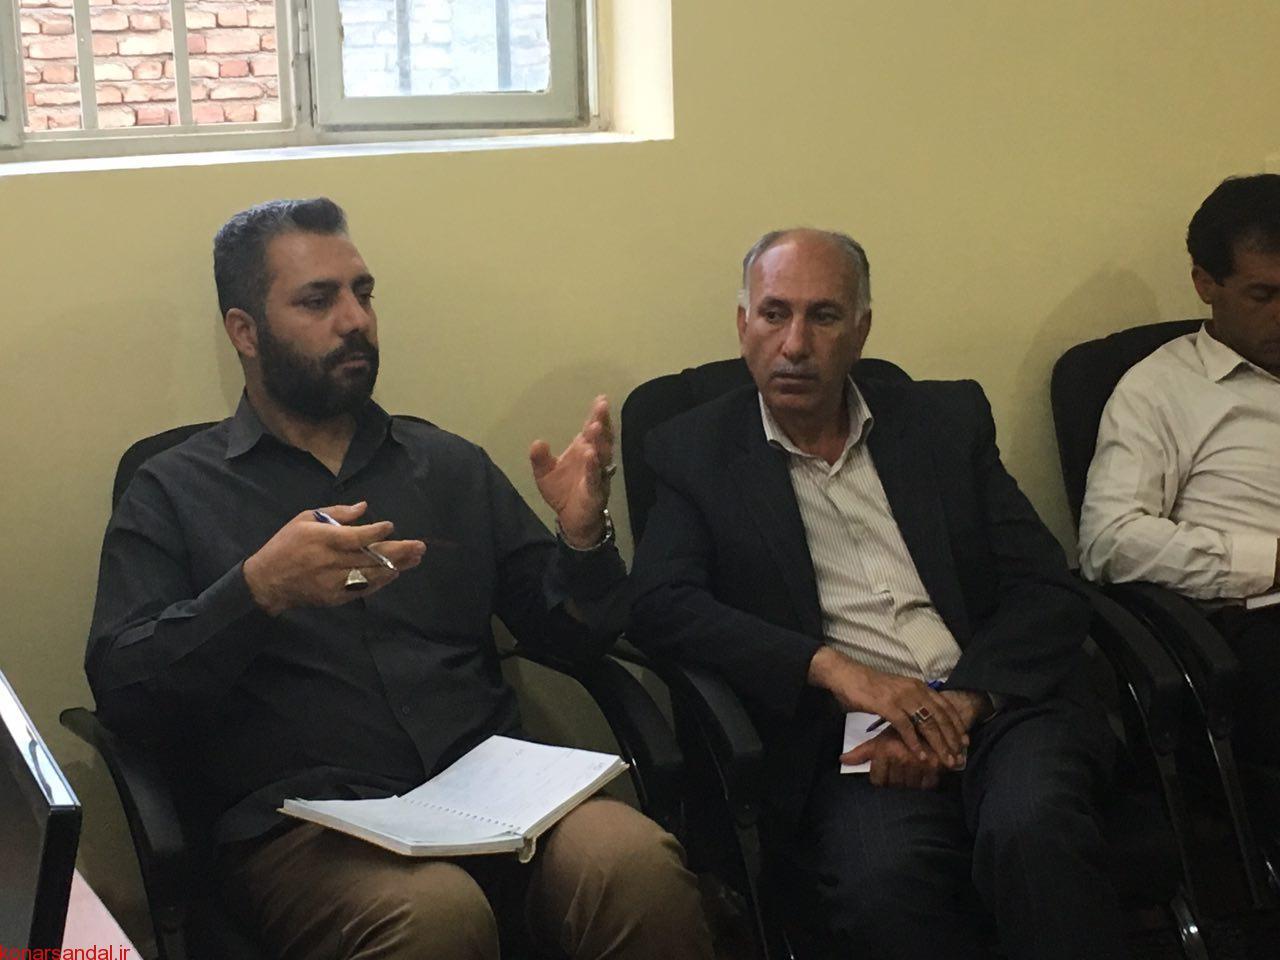 اولین جلسه پشتیبانی و هماهنگی اردوهای جهادی تابستان ۹۶ بسیج دانشجویی شهرستان جیرفت برگزار شد / تصاویر